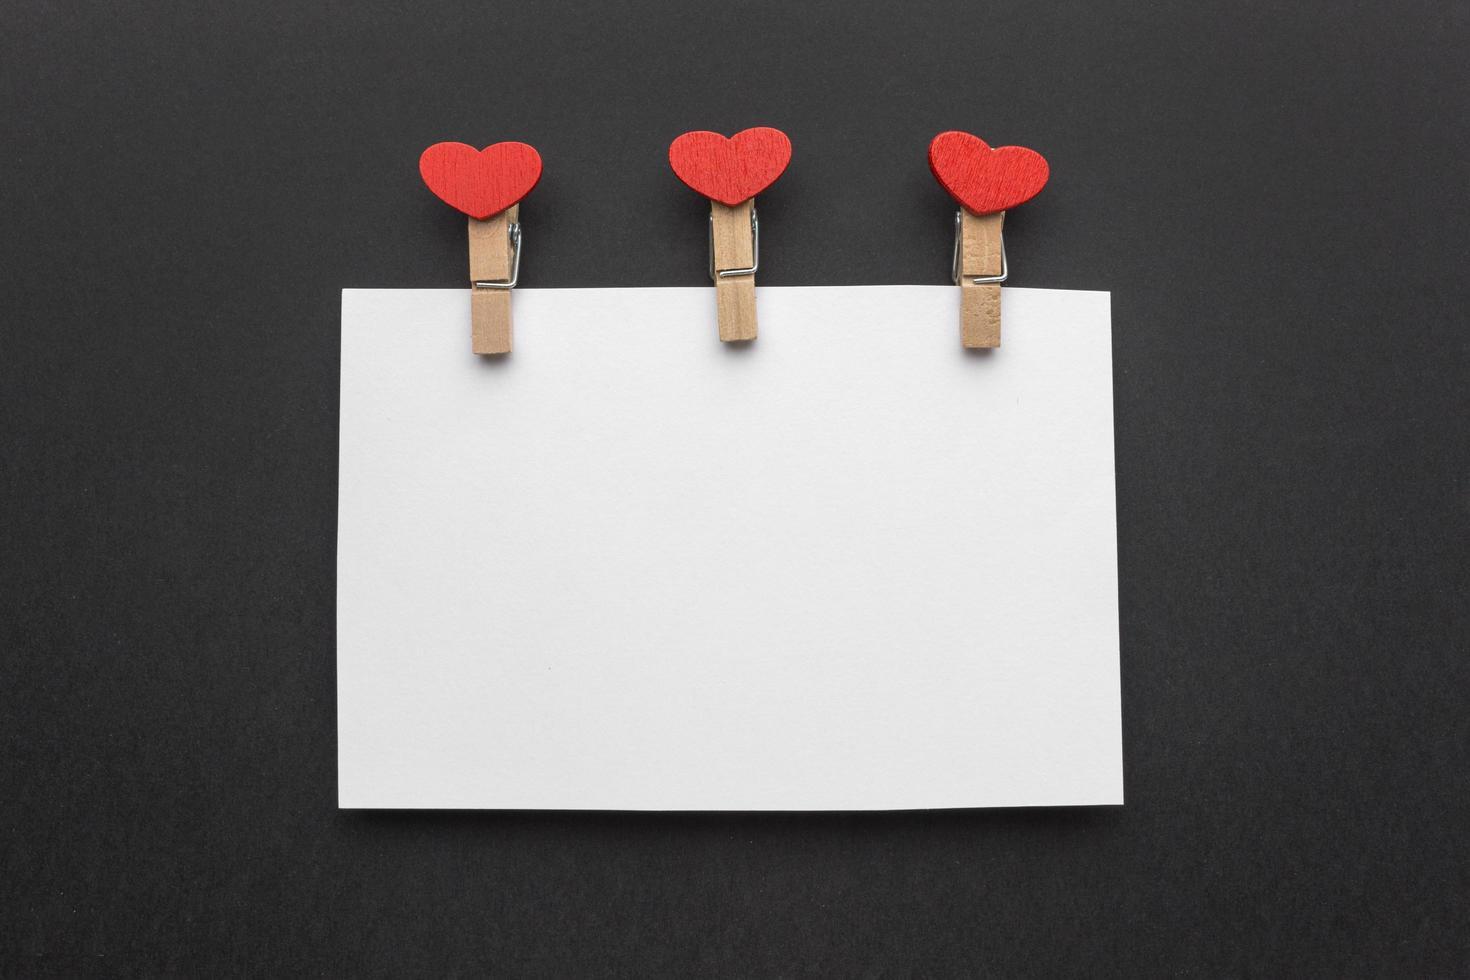 maquette de note de la Saint-Valentin sur fond noir photo